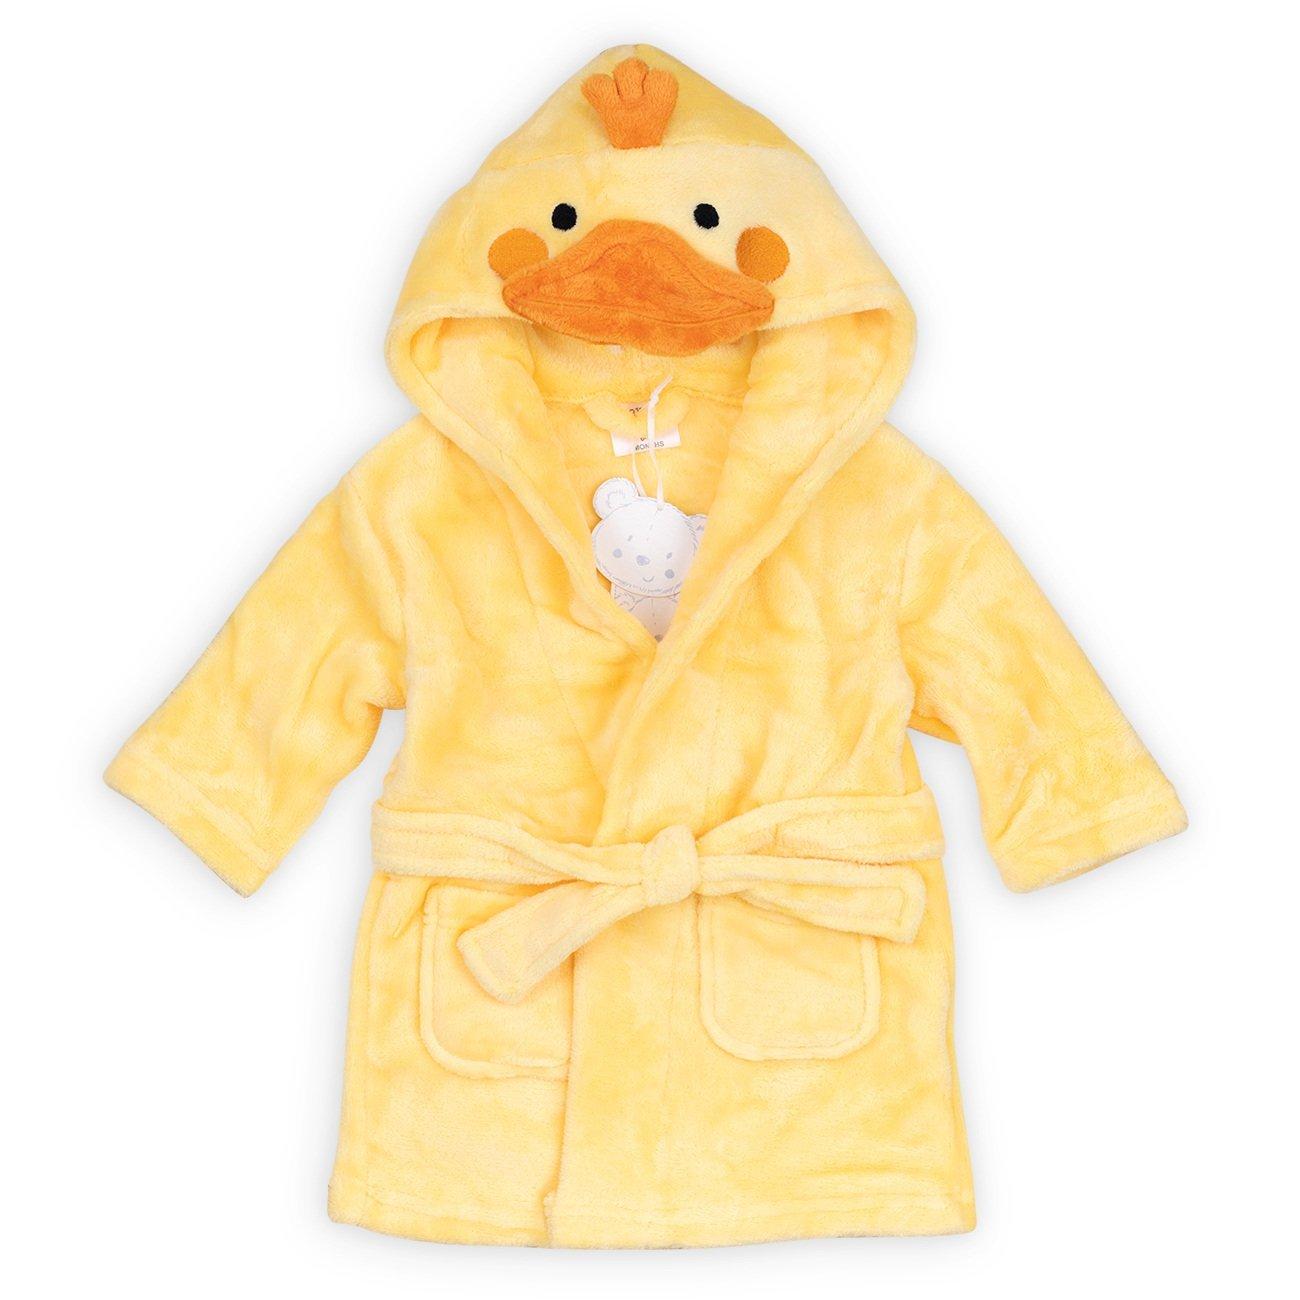 Babytown Baby Bademantel gelb | Motiv: Küken | Bademantel mit Kapuze für Neugeborene & Kleinkinder | Größe: 6-12 Monate (74/80)